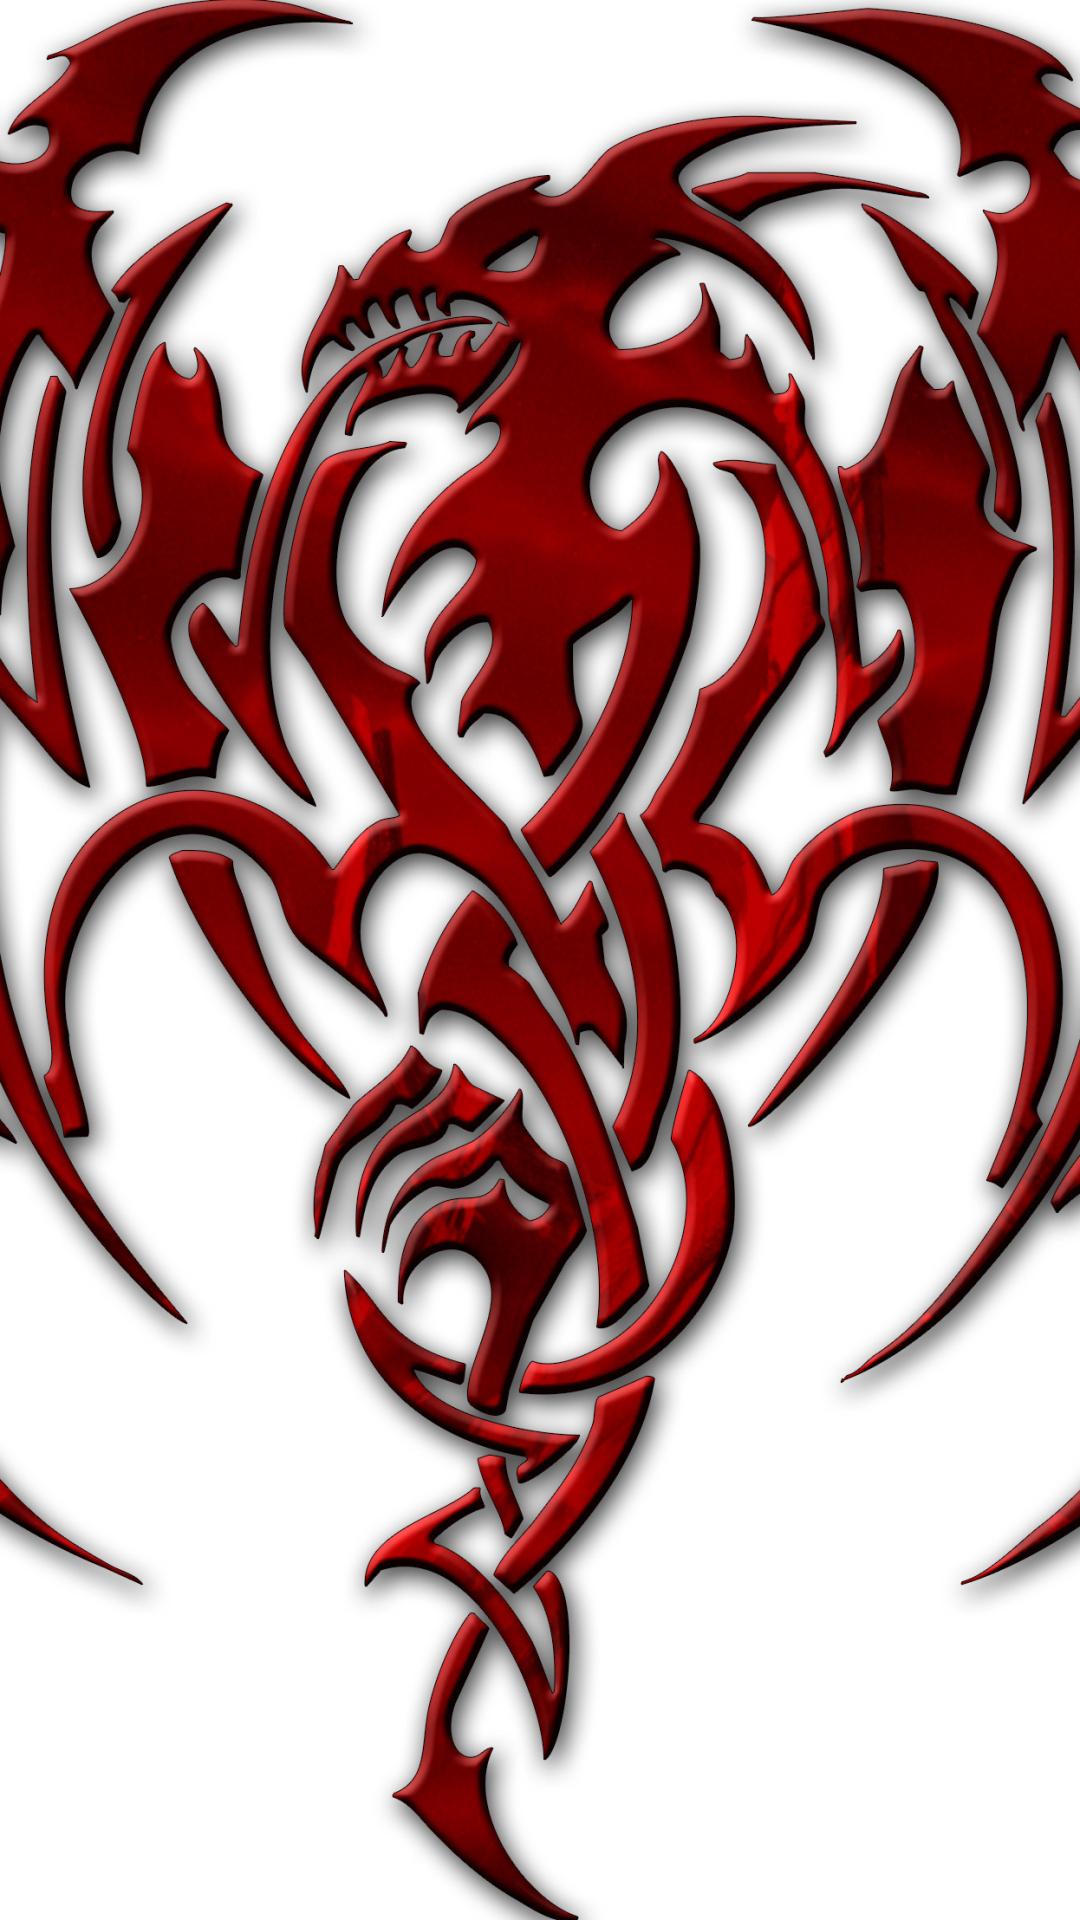 Fantasy Dragon 1080x1920 Mobile Wallpaper